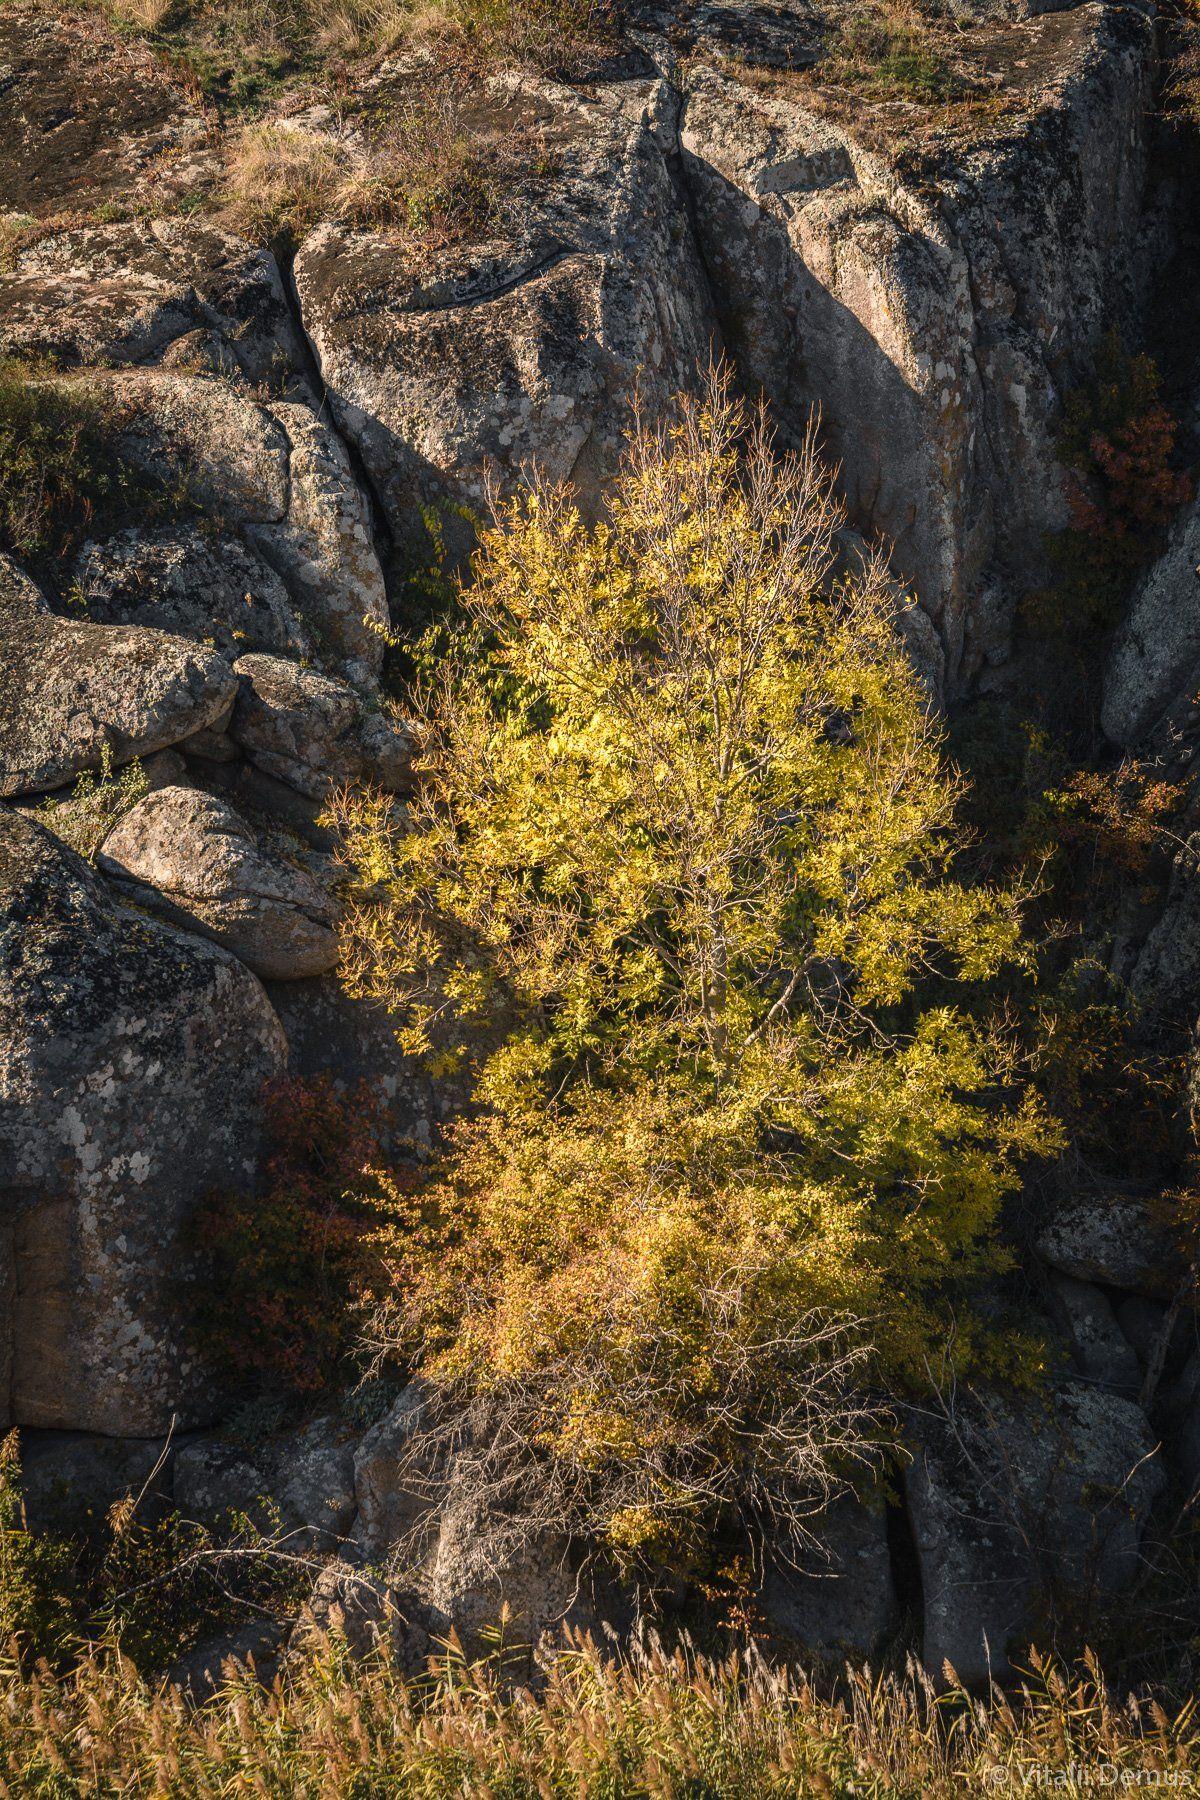 осень, желтый, закат, вечер, природа, свет, солнечный свет, контраст, дерево, Виталий Демус